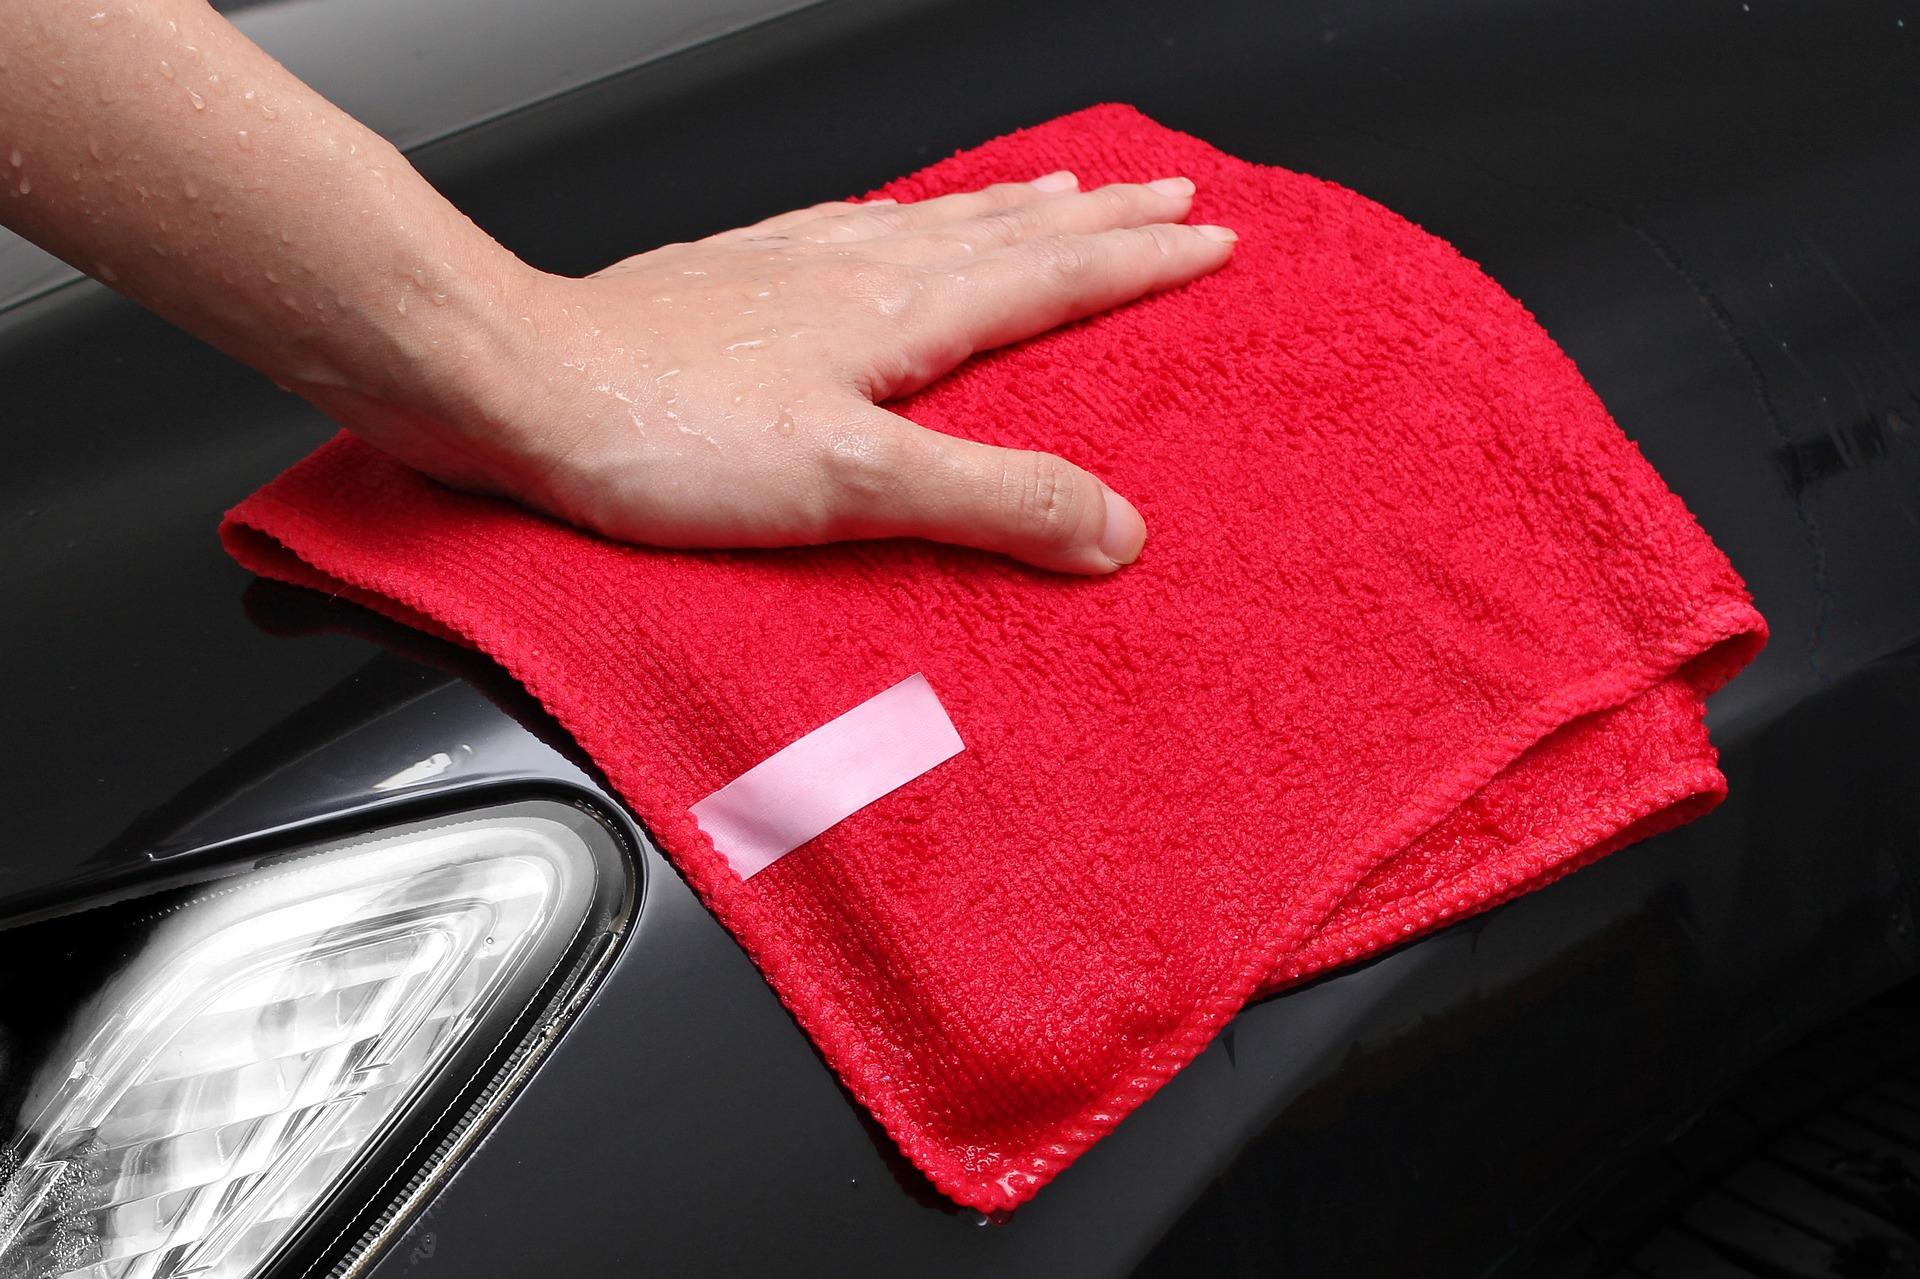 Vemos que uma pessoa utiliza uma flanela vermelha para limpar o capô de um carro (imagem ilustrativa). Texto: franquia zaplus car.